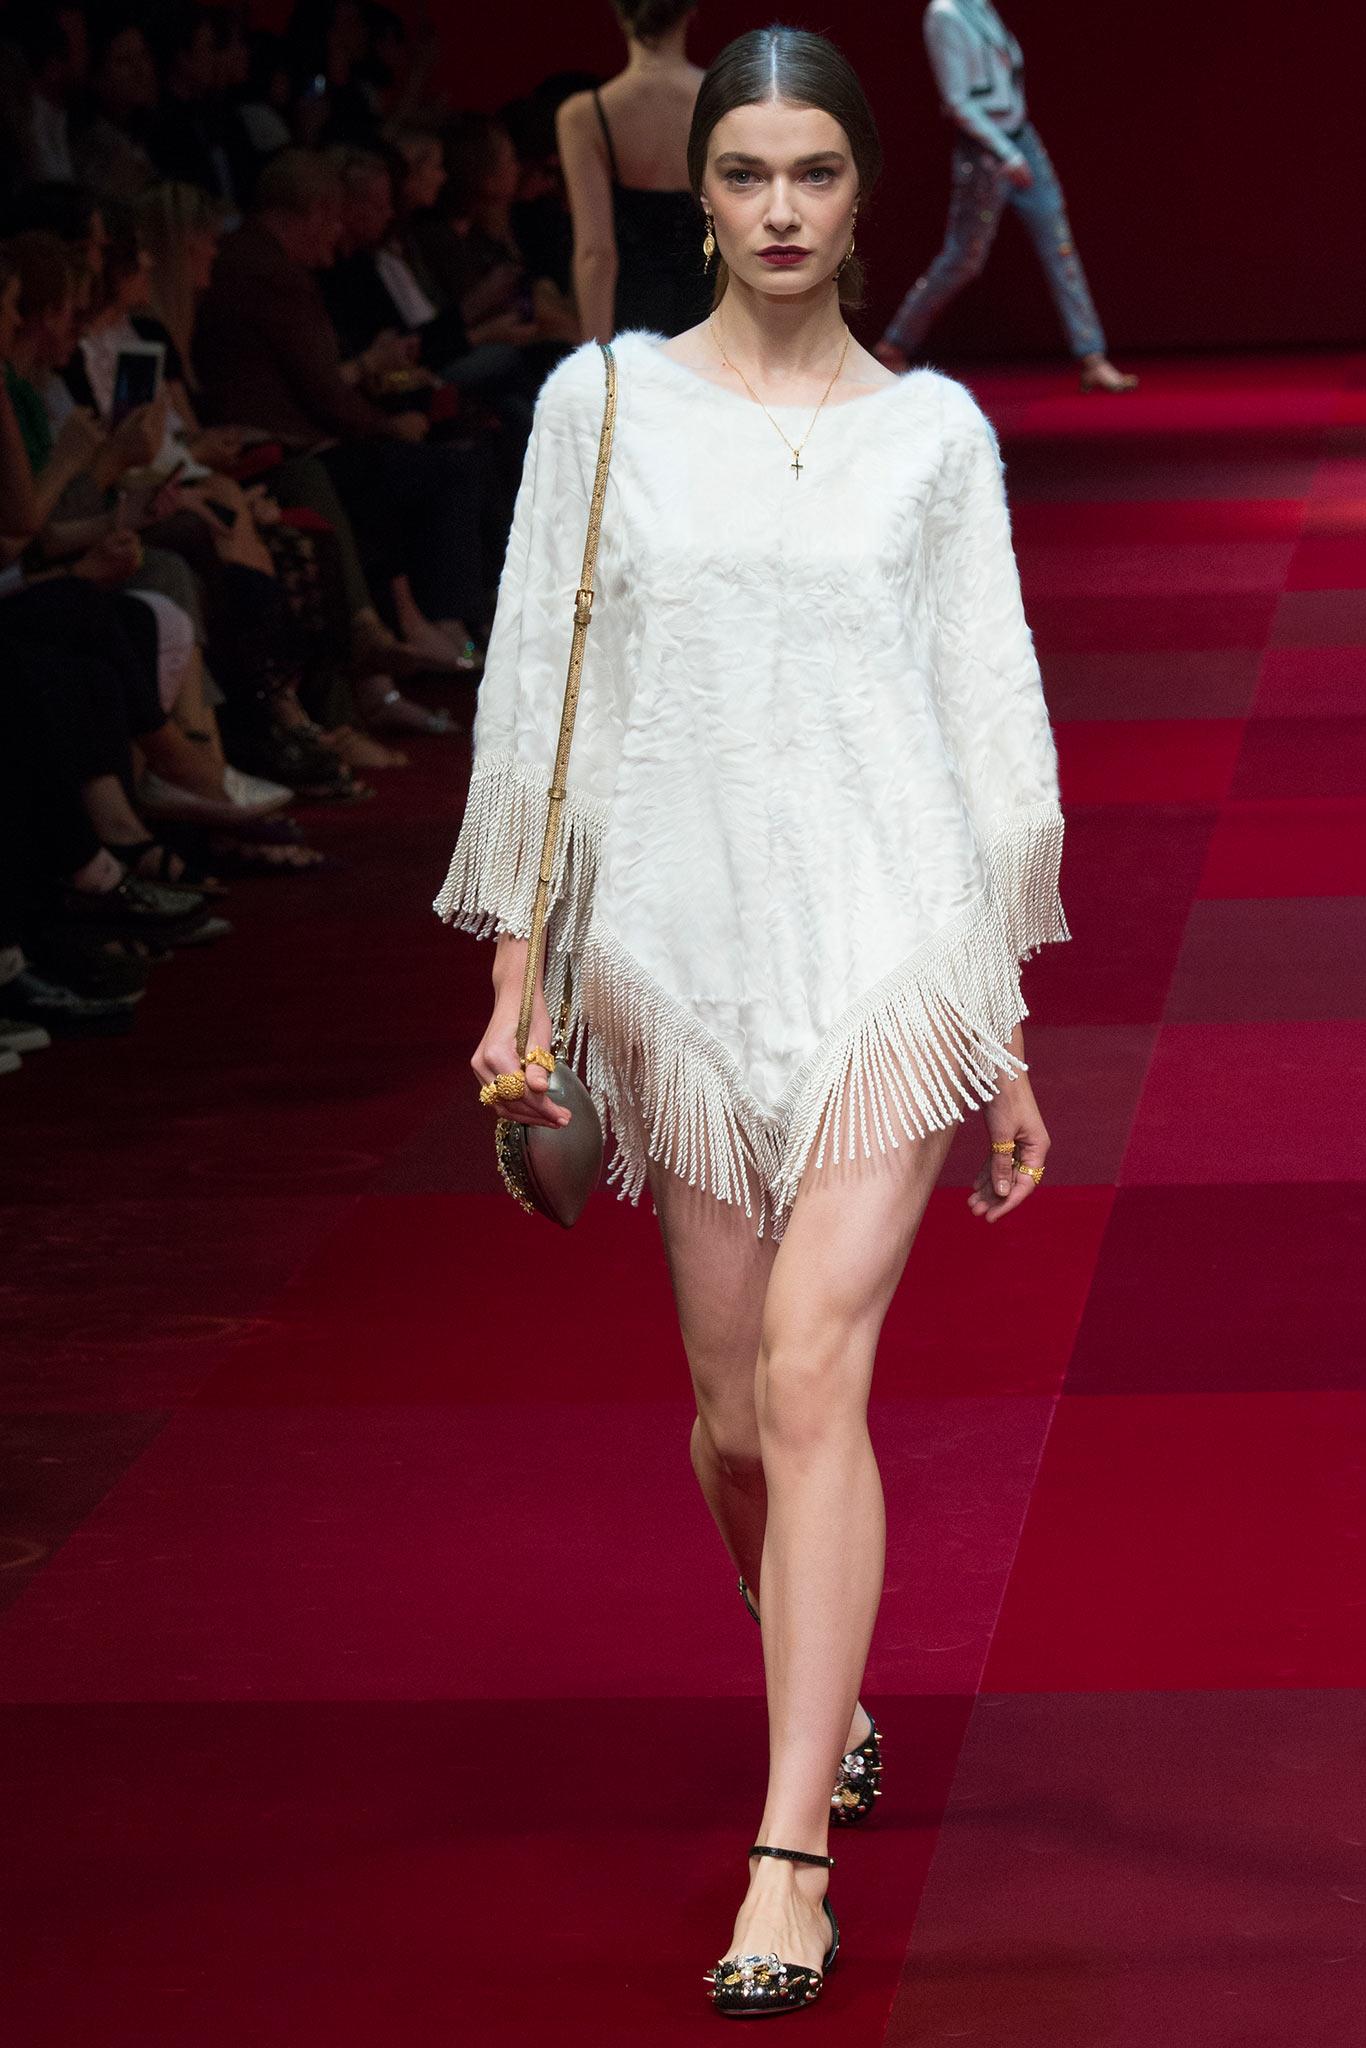 Dolce & Gabbana - Desfile Verão 2015 foto: style.com